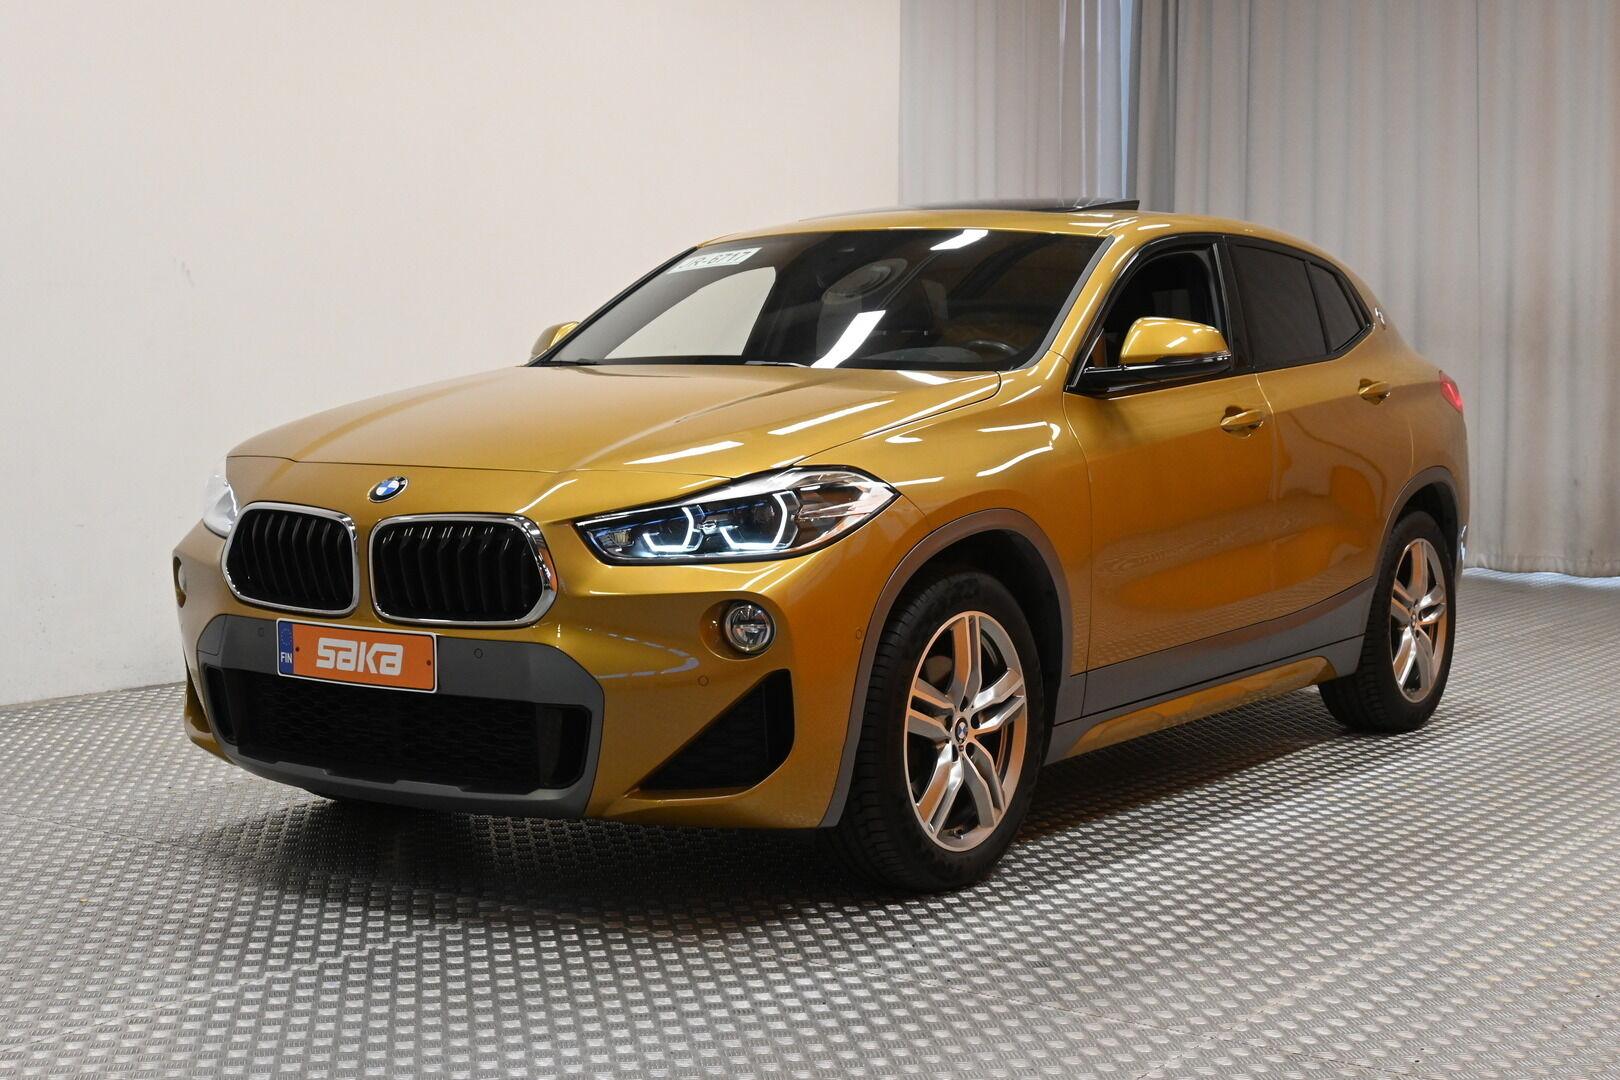 Keltainen Maastoauto, BMW X2 – KON-64359, kuva 3